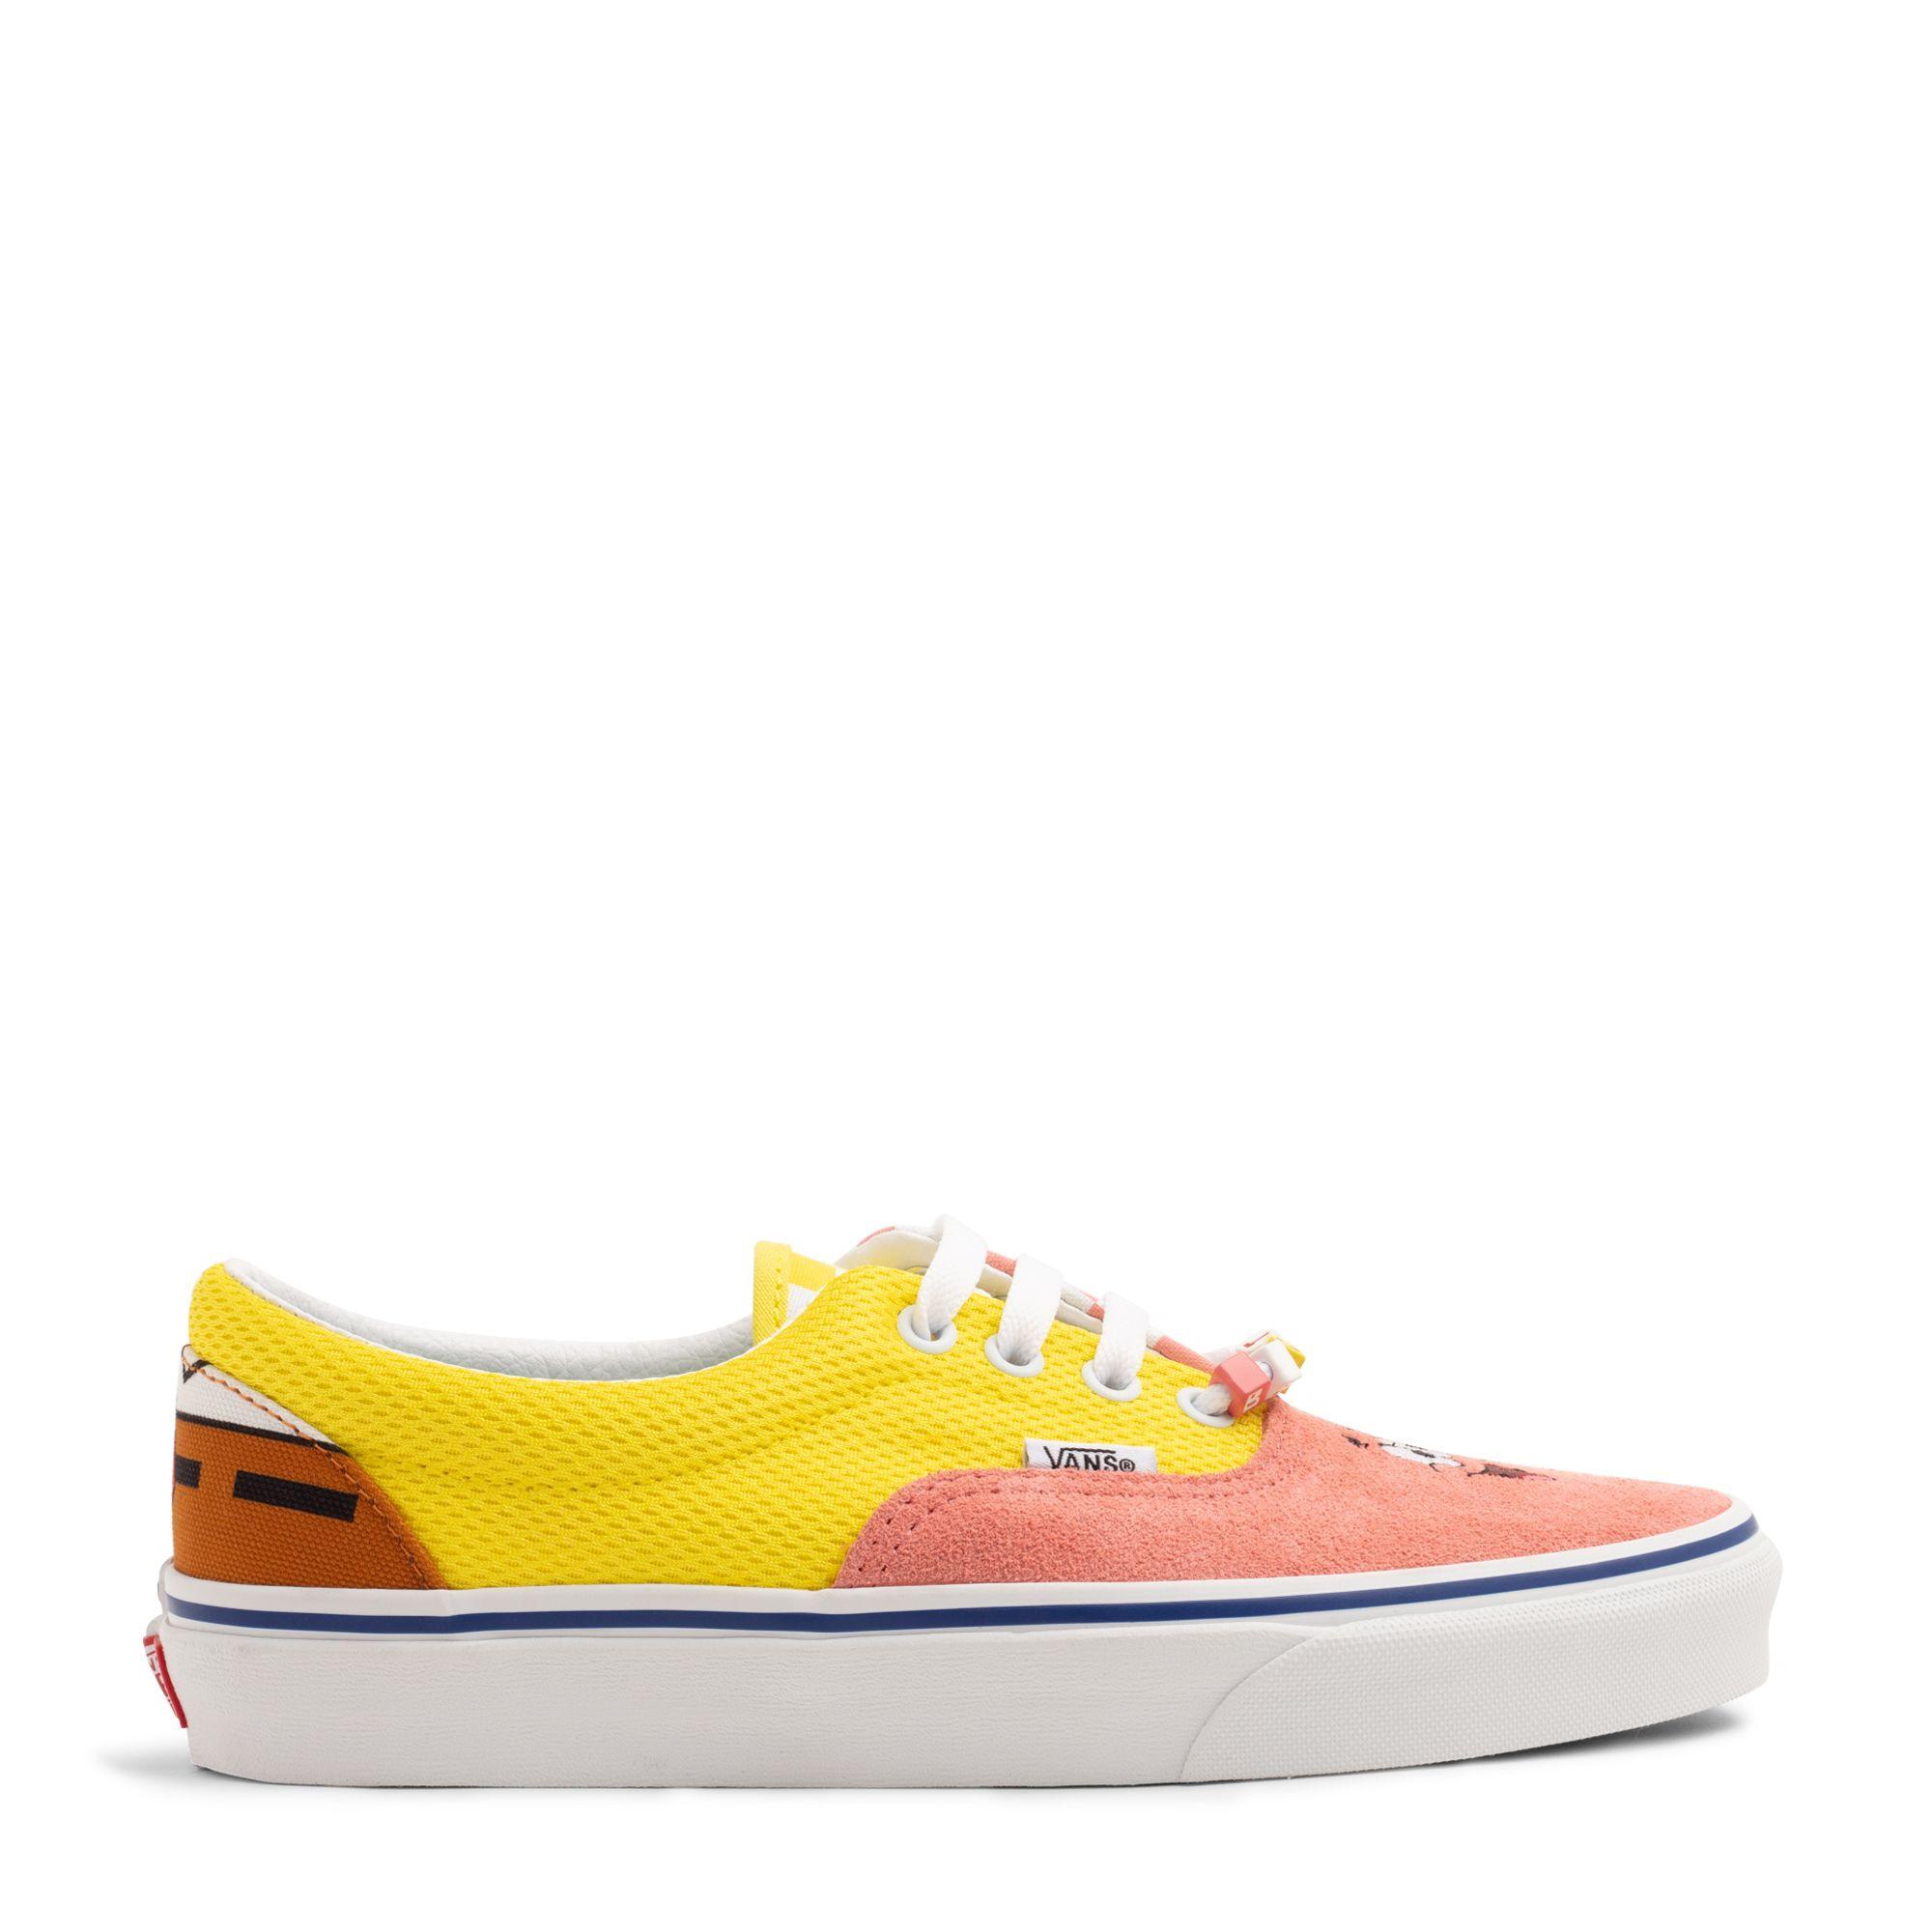 الحذاء الرياضي × سبونج بوب إيرا